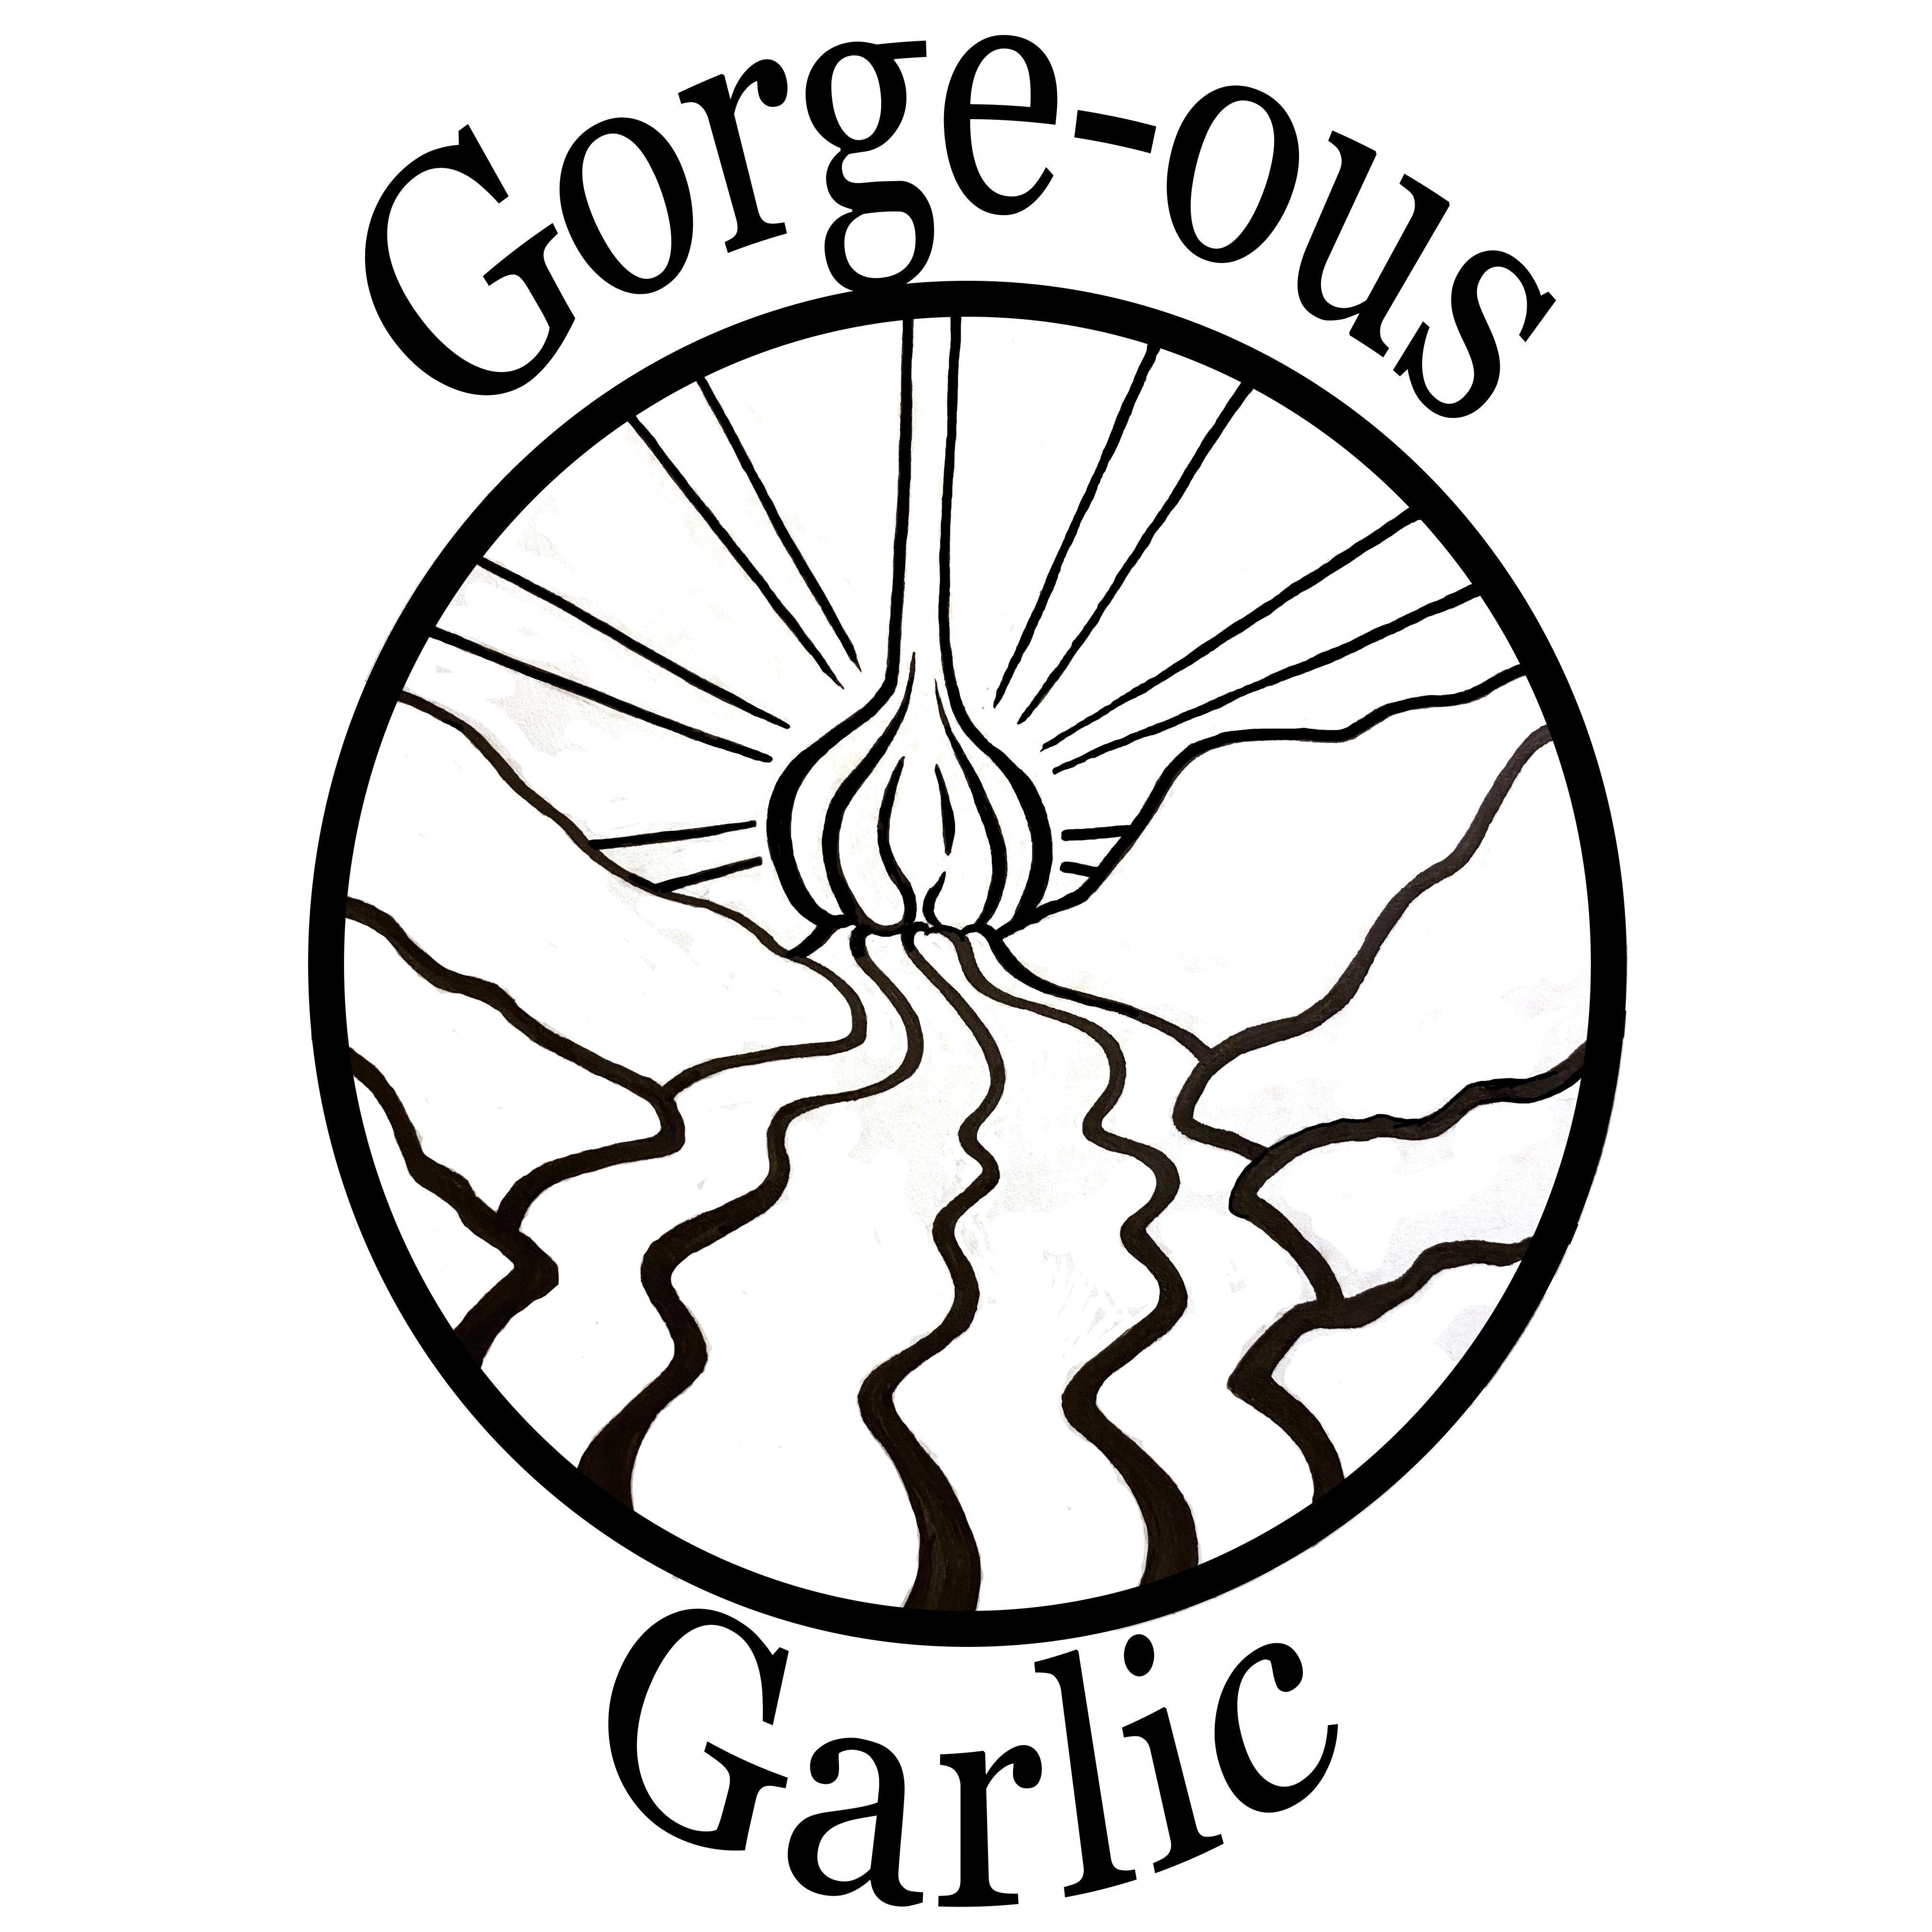 Gorgeous Garlic